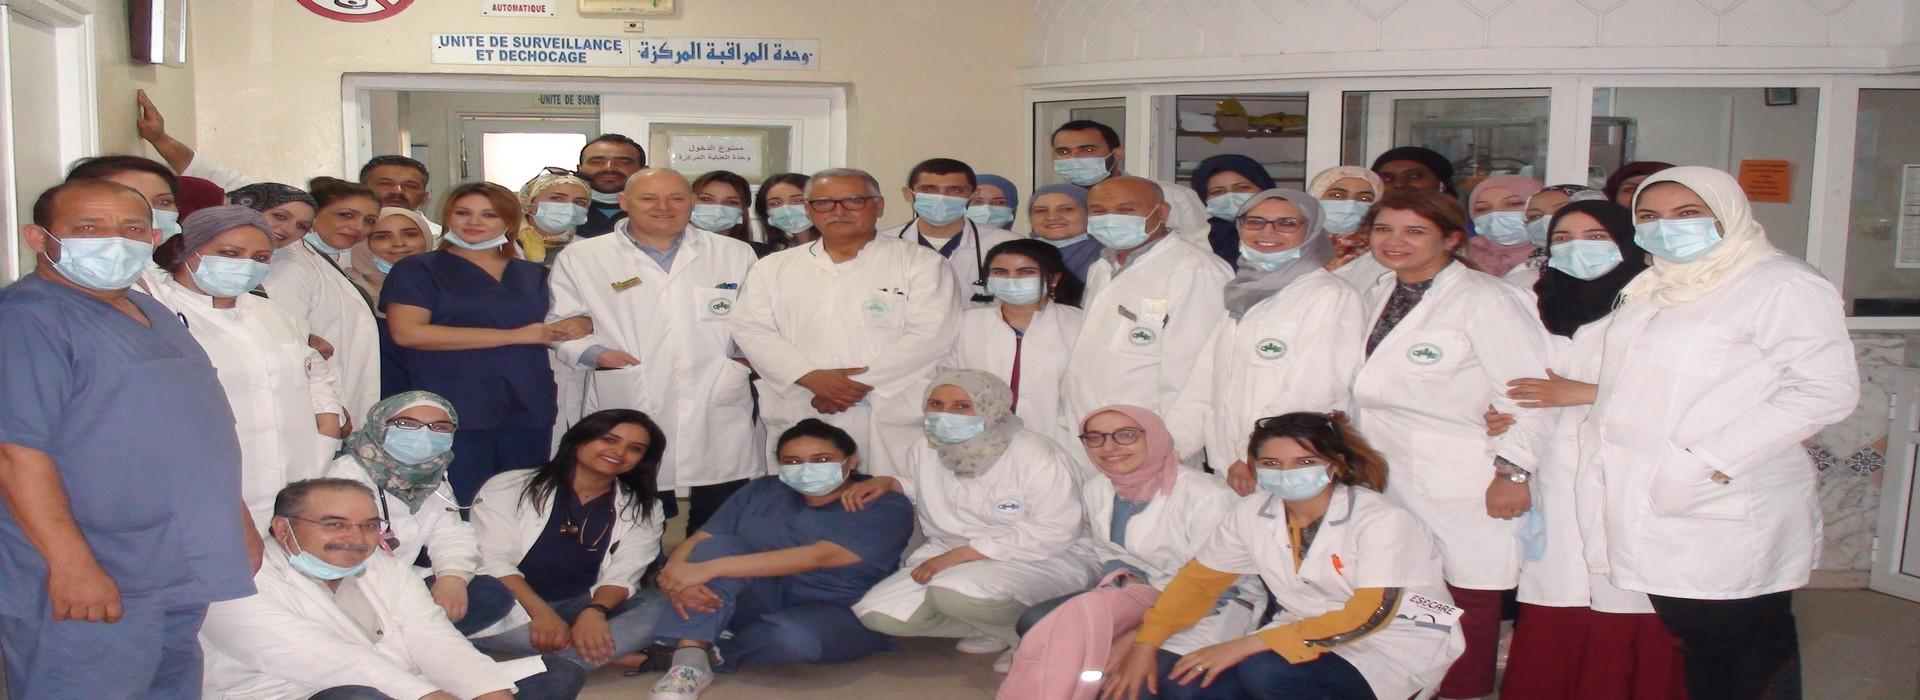 «Emergency Medecine Day», ou EM-Day, la journée mondiale de la médecine d'urgence.